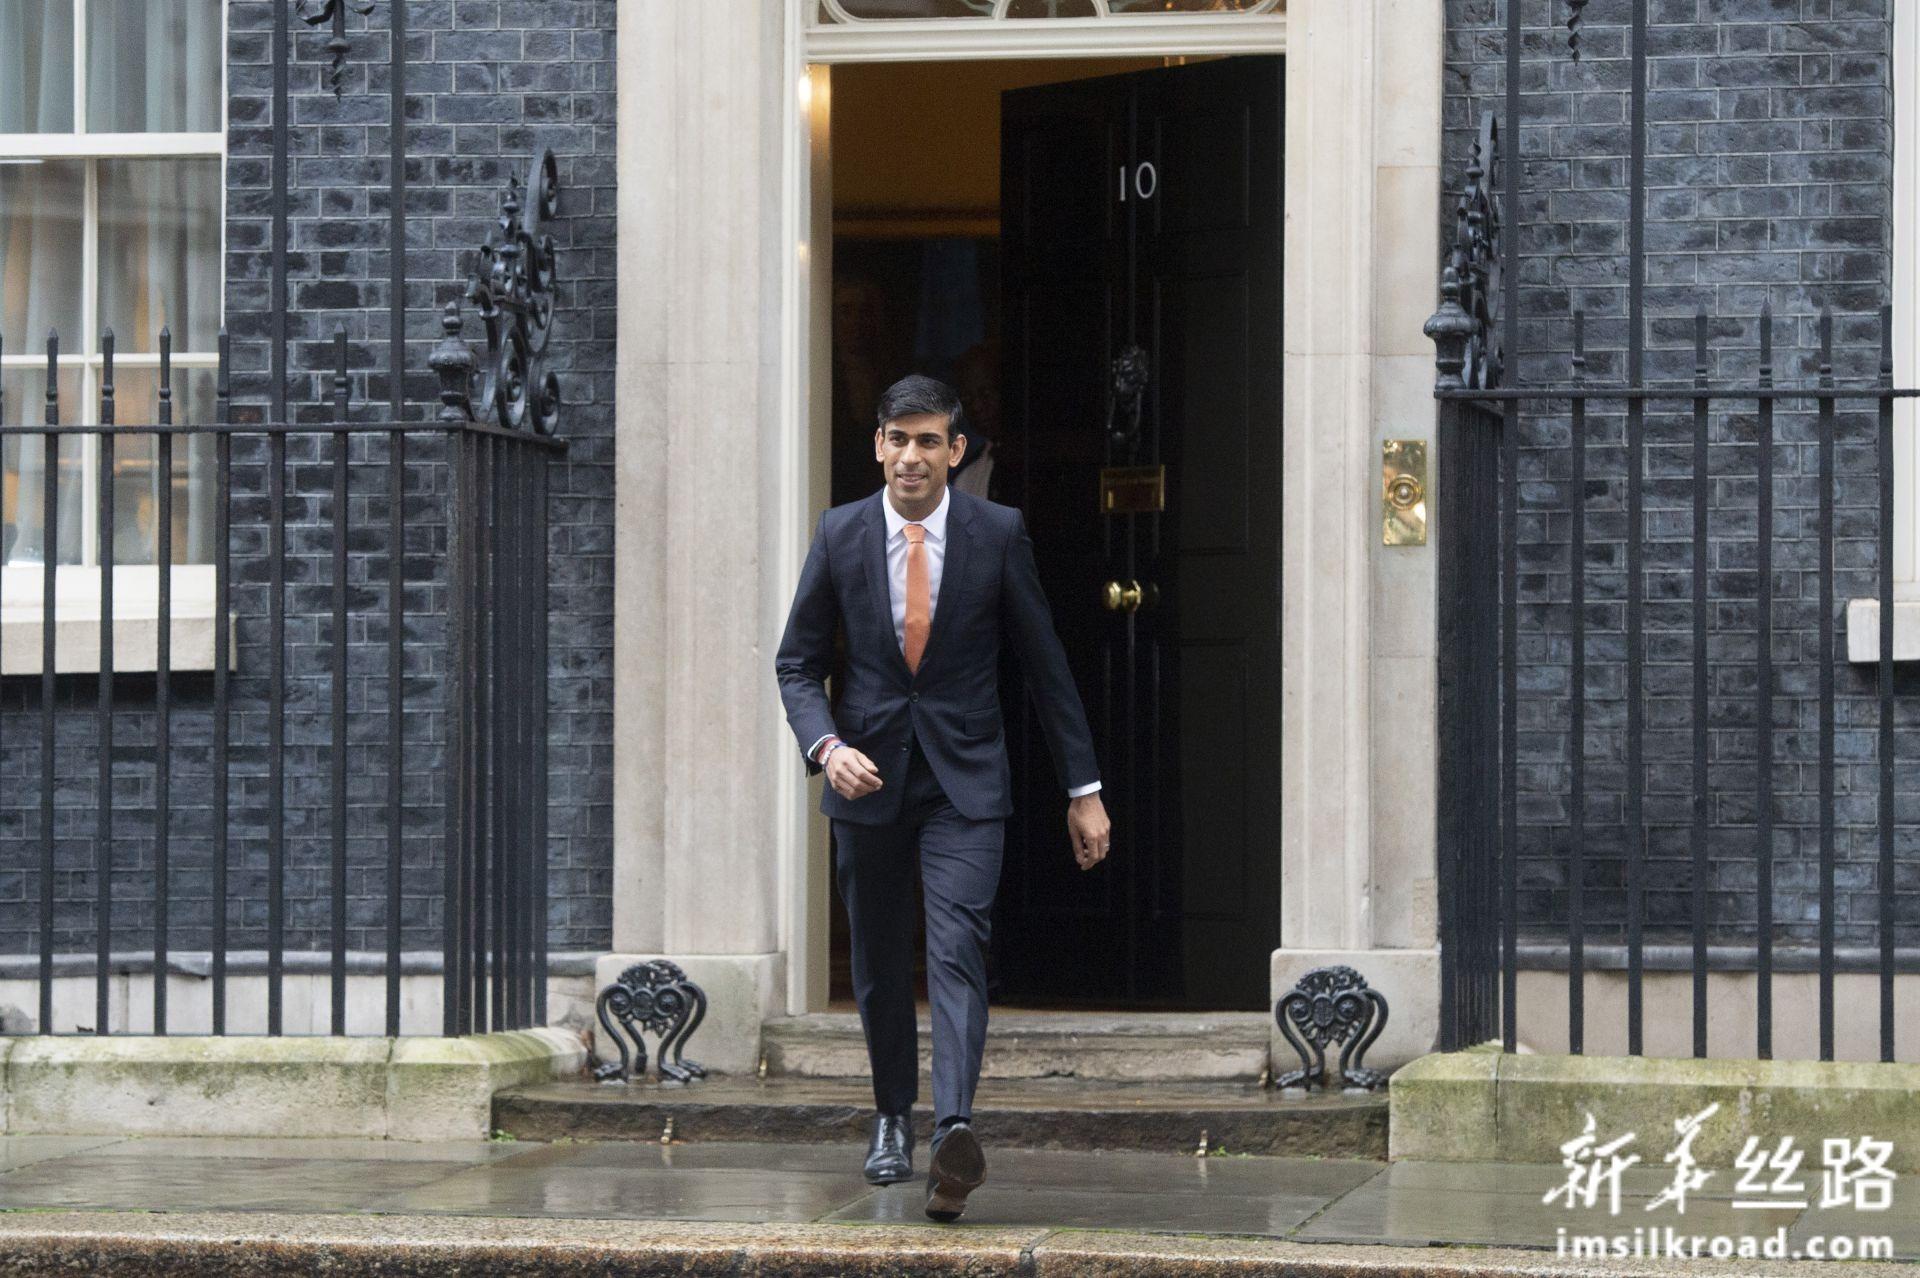 2月13日,在英国伦敦,新任命的英国财政大臣里希·苏纳克离开首相府。新华社发(雷伊·唐摄)